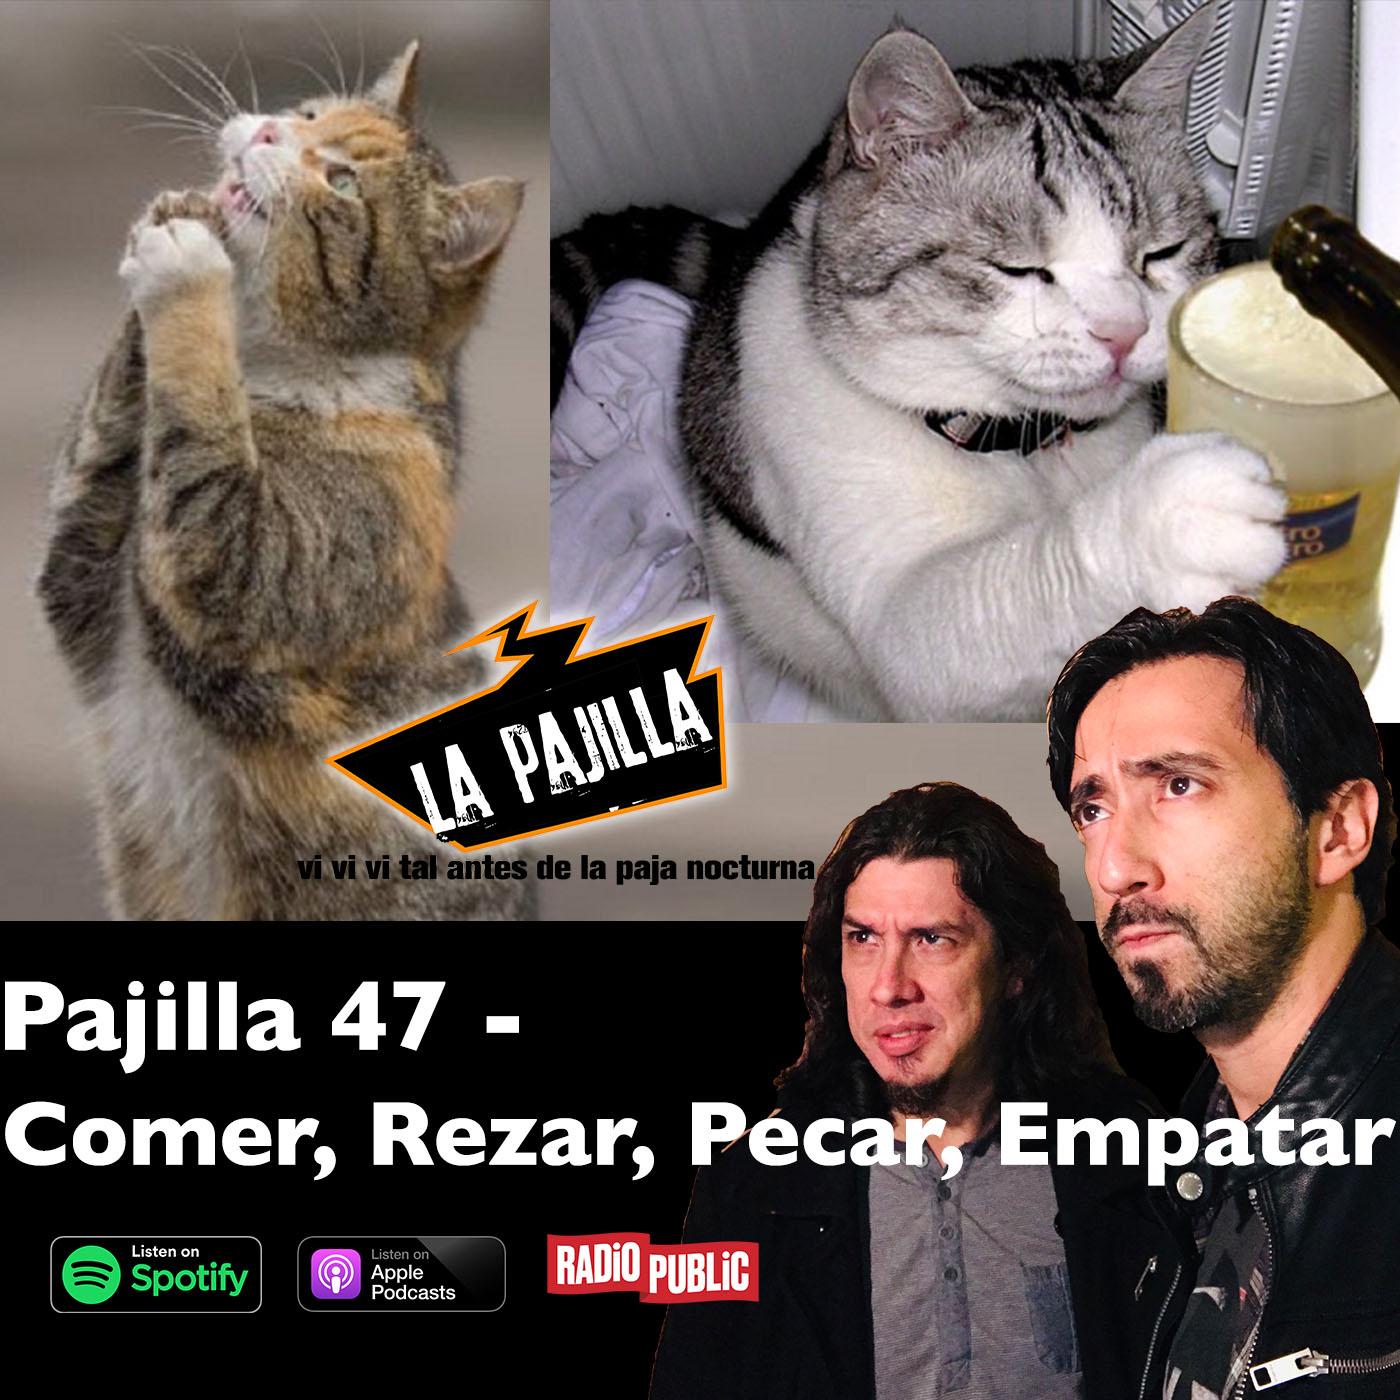 La Paja Nocturna Podcast CR Pajilla 47